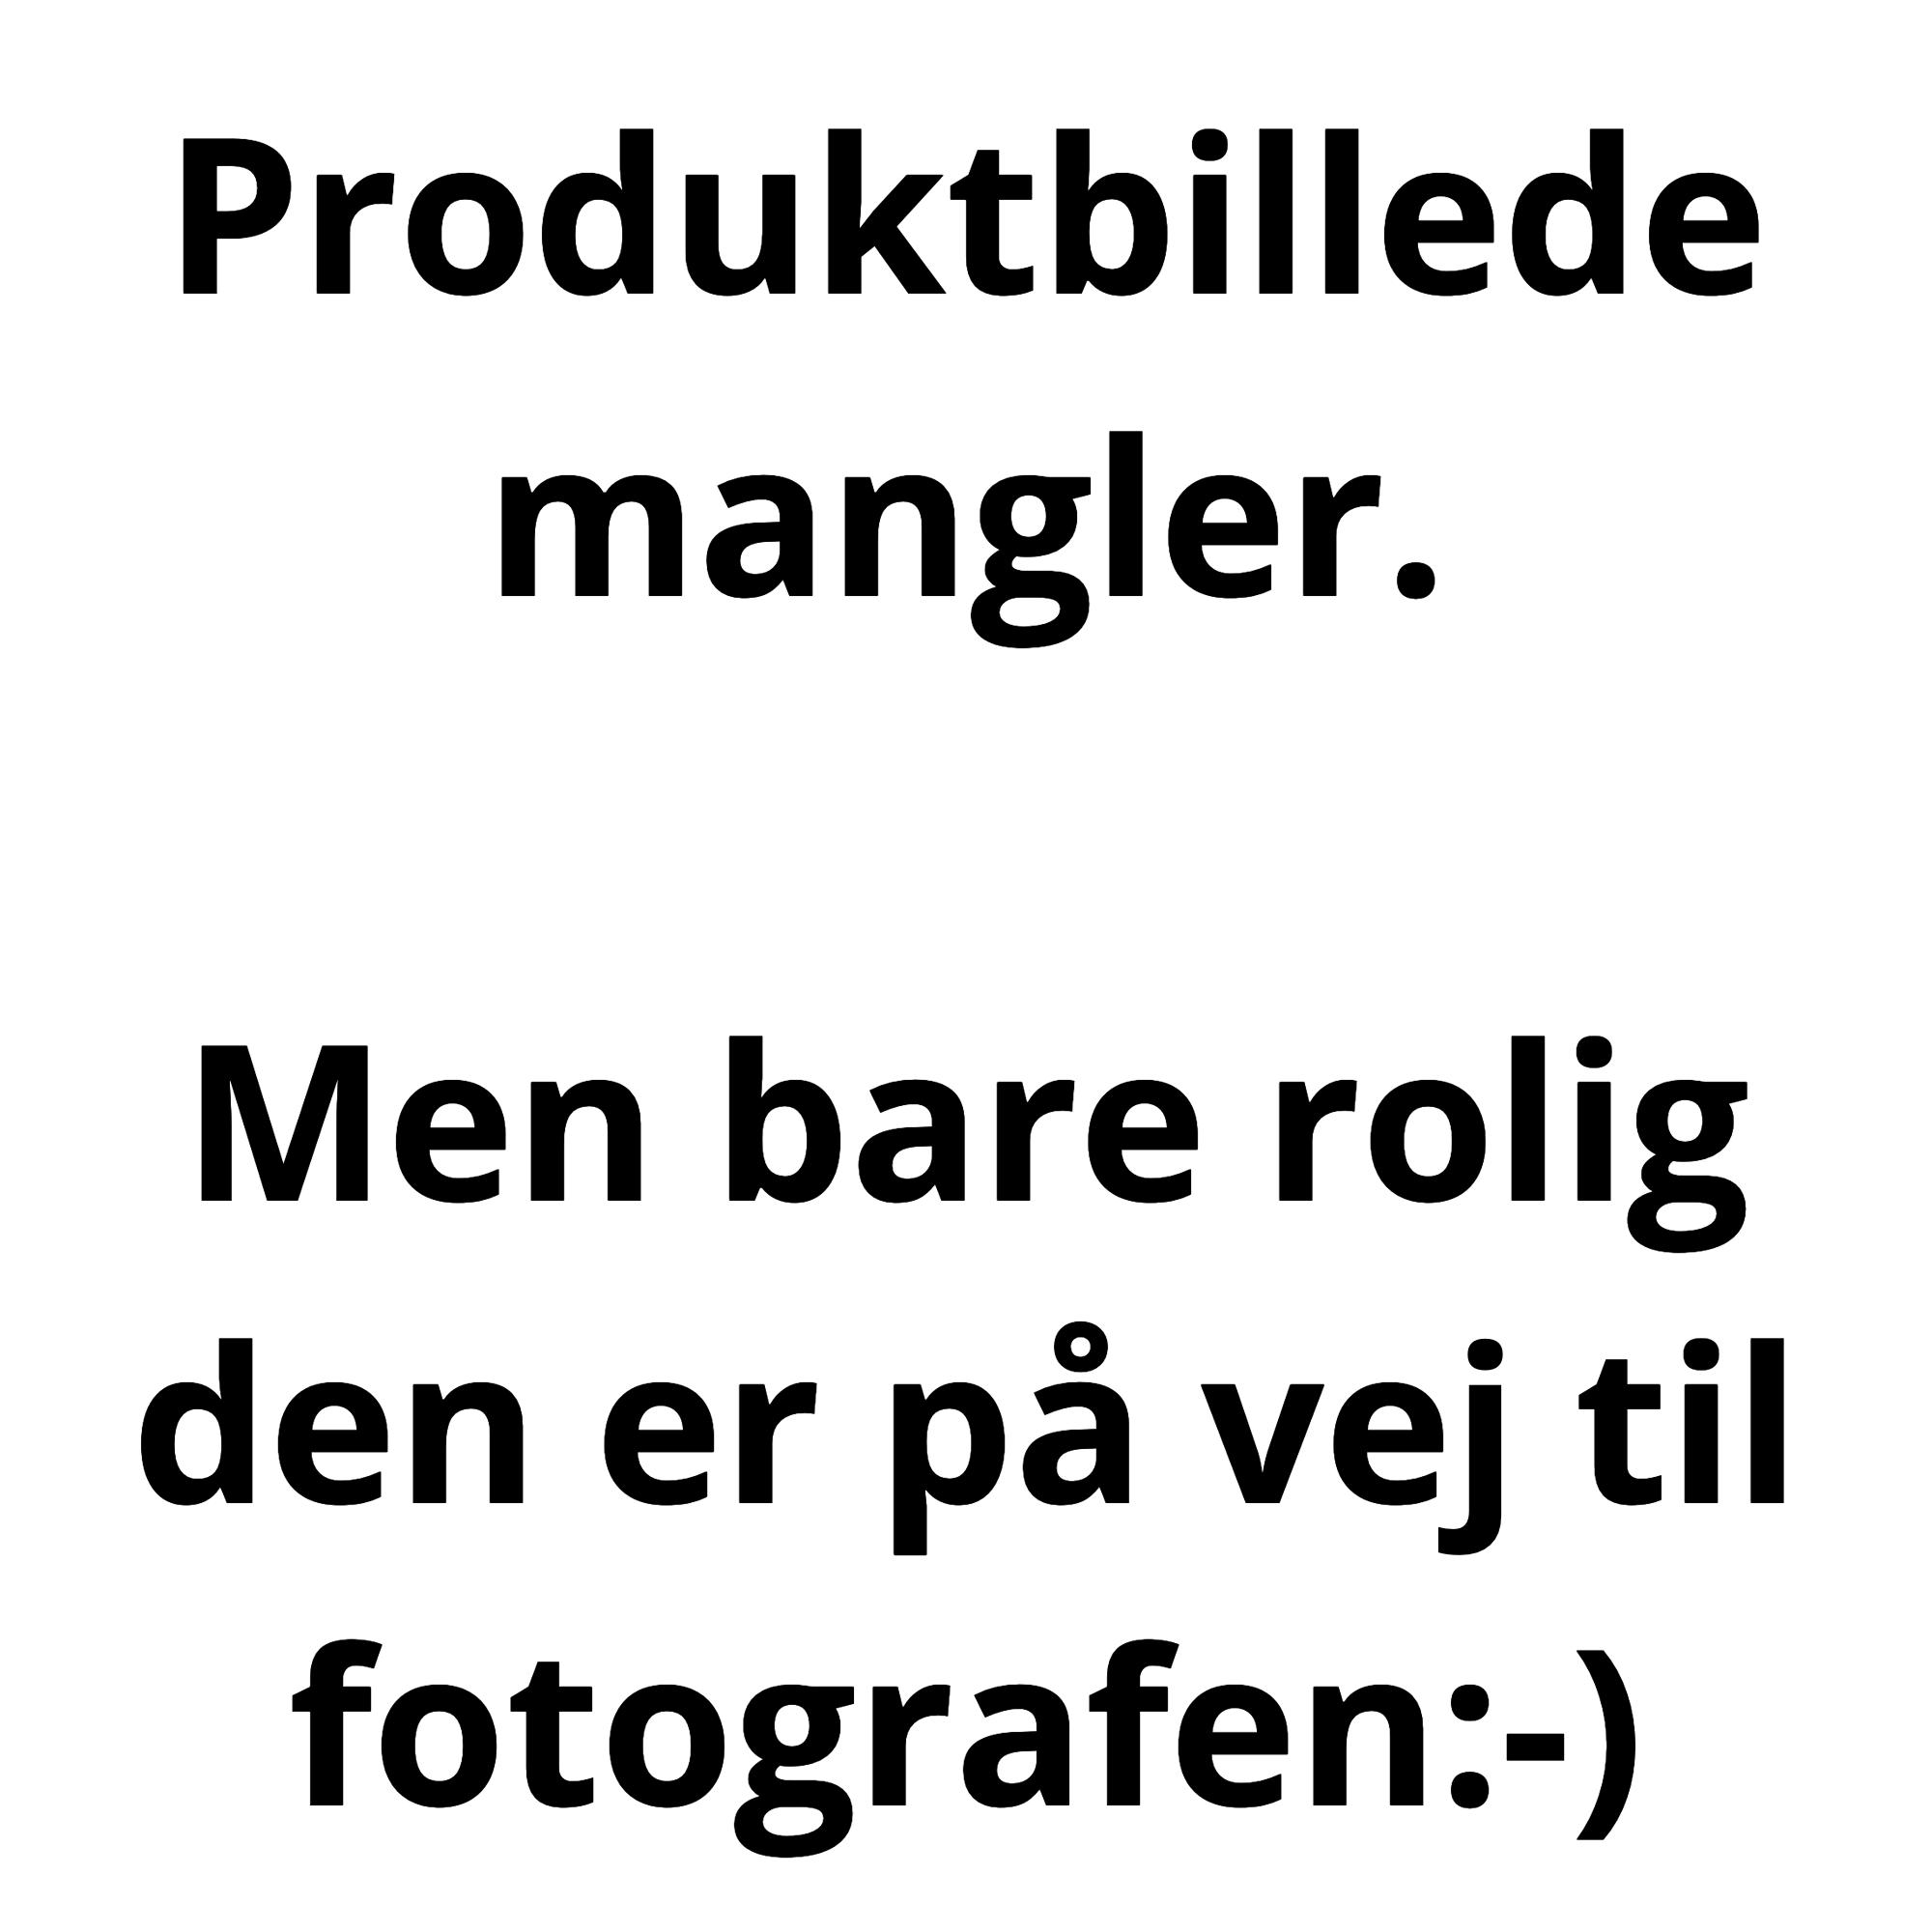 """Brodit Passiv mobilholder m. kabeltilslutning ligthning til 30 pin adapter til Apple iPhone 6 Plus (5,5"""") m. el. u. beskyttelsescover - 515663"""